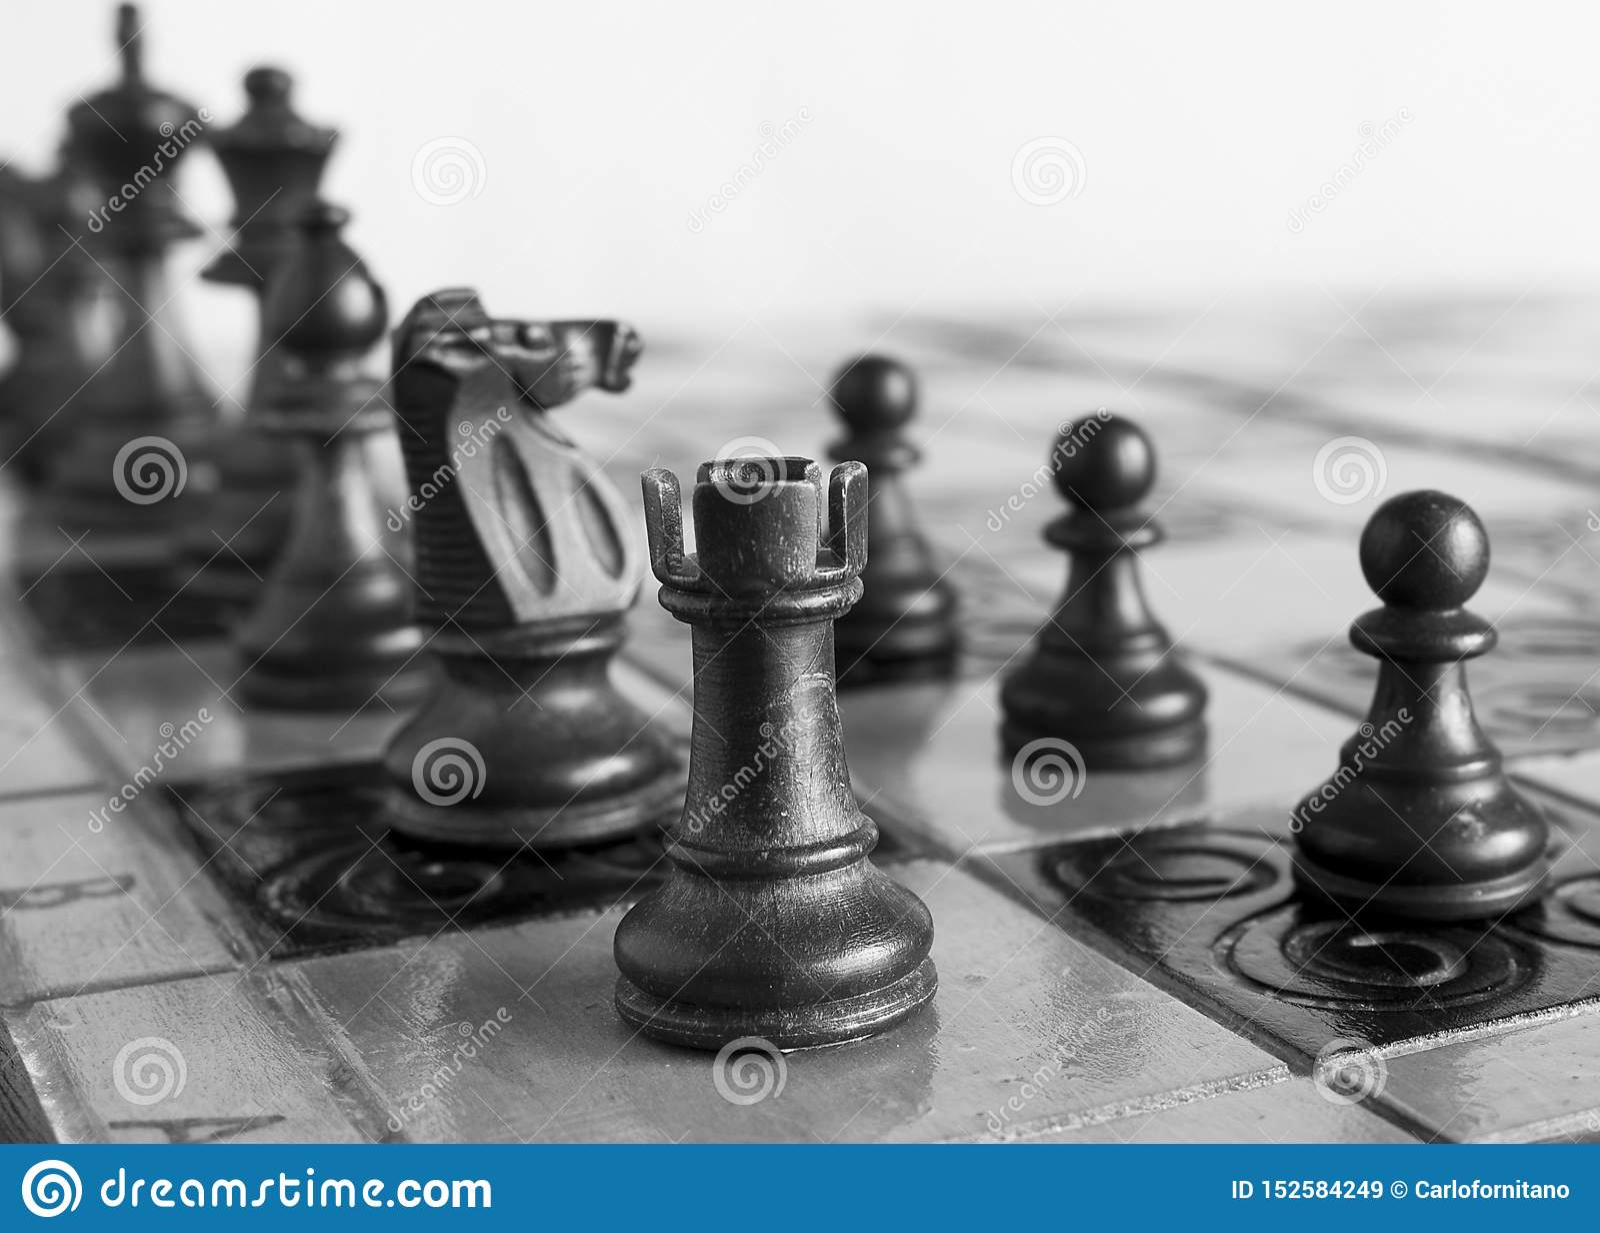 Σκάκι που φωτογραφίζεται σε μια σκακιέρα